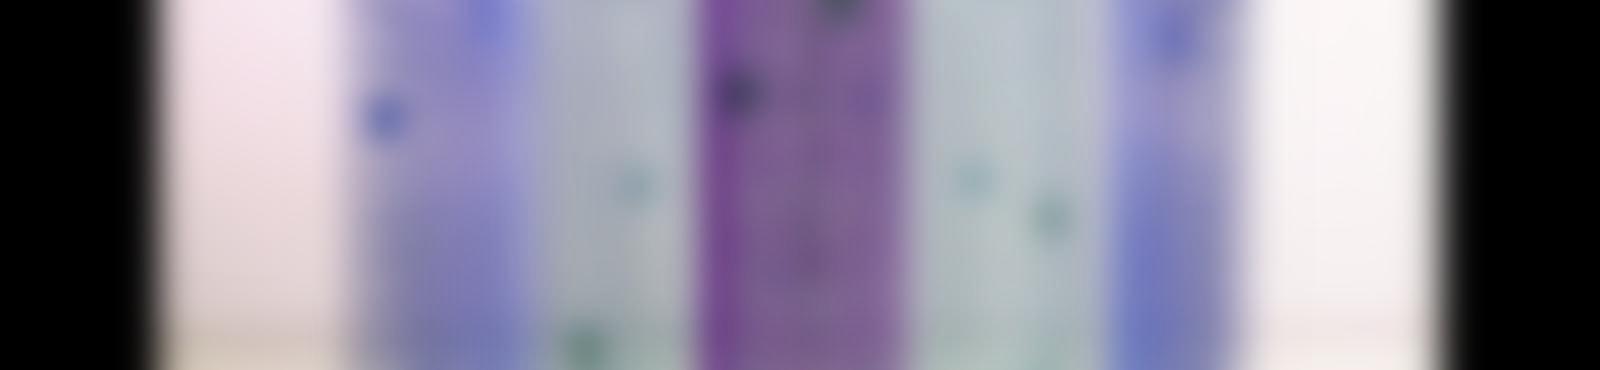 Blurred 55d89313 06b1 4634 a930 9a659ac6bc38